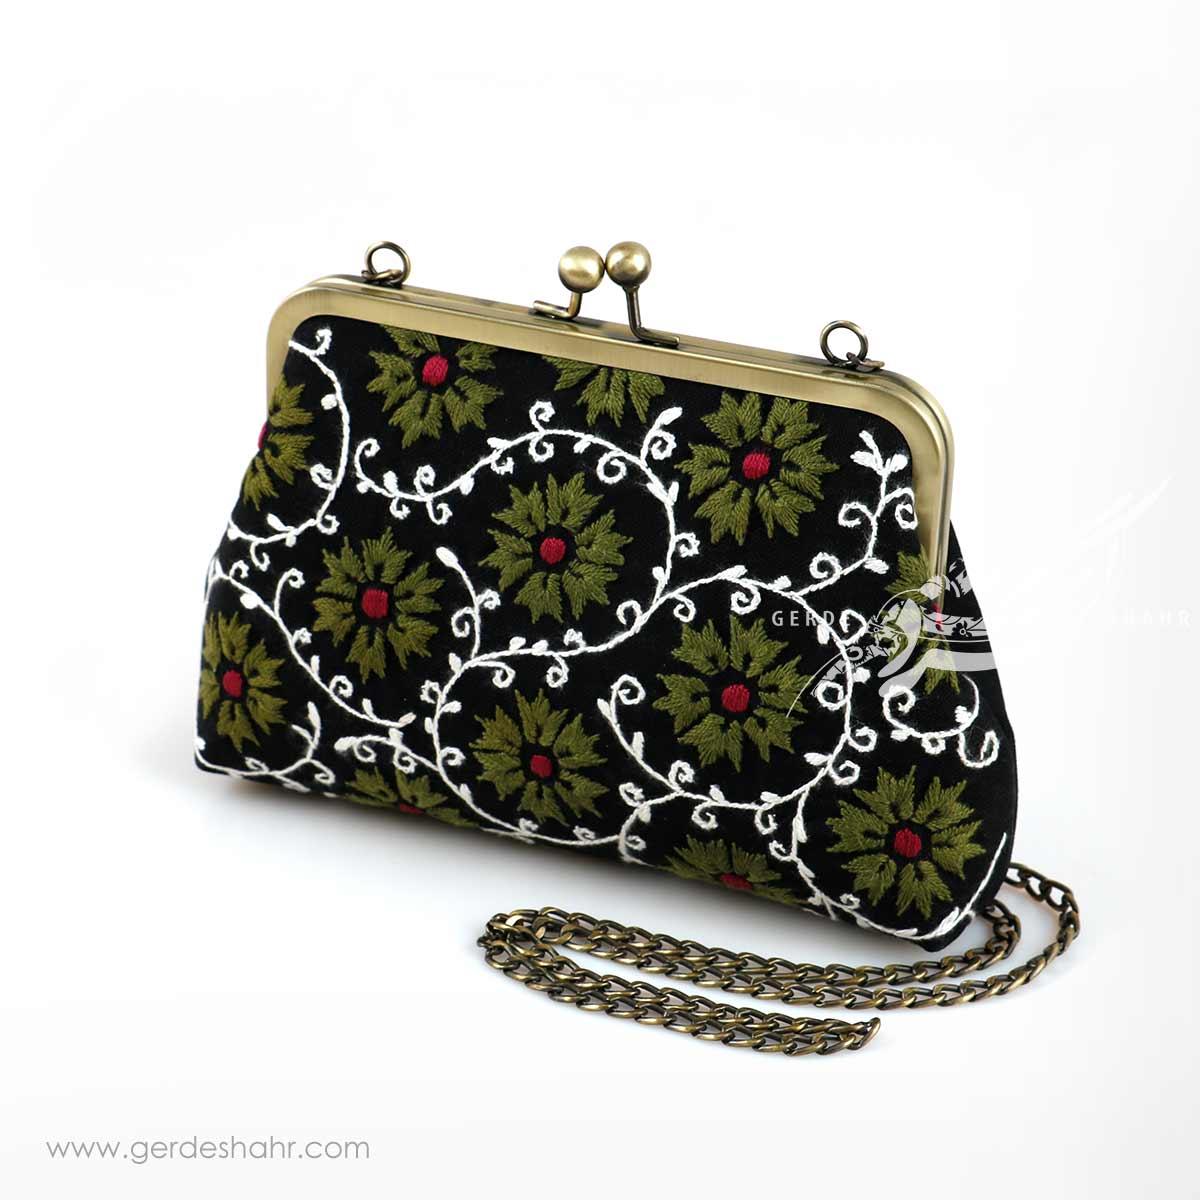 کیف بنددار مشکی گل آفتابگردان سبز راژانه گنجه رخت